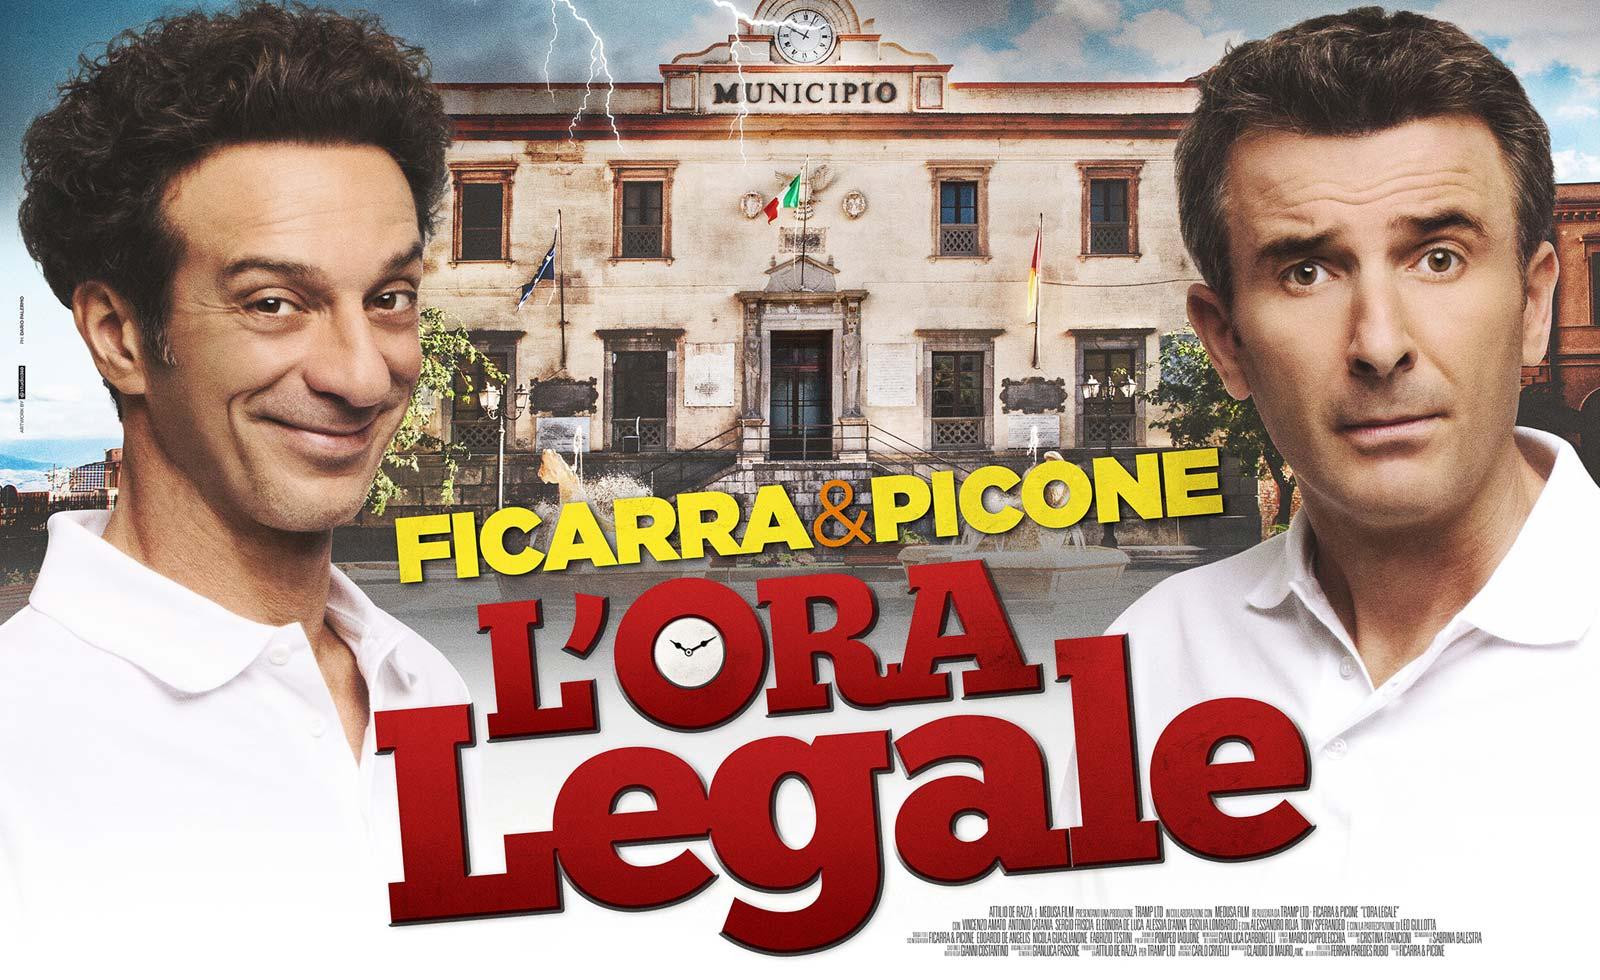 """Il film """"L'ora legale"""" di Ficarra e Picone è la fotografia dell'Italia corrotta"""